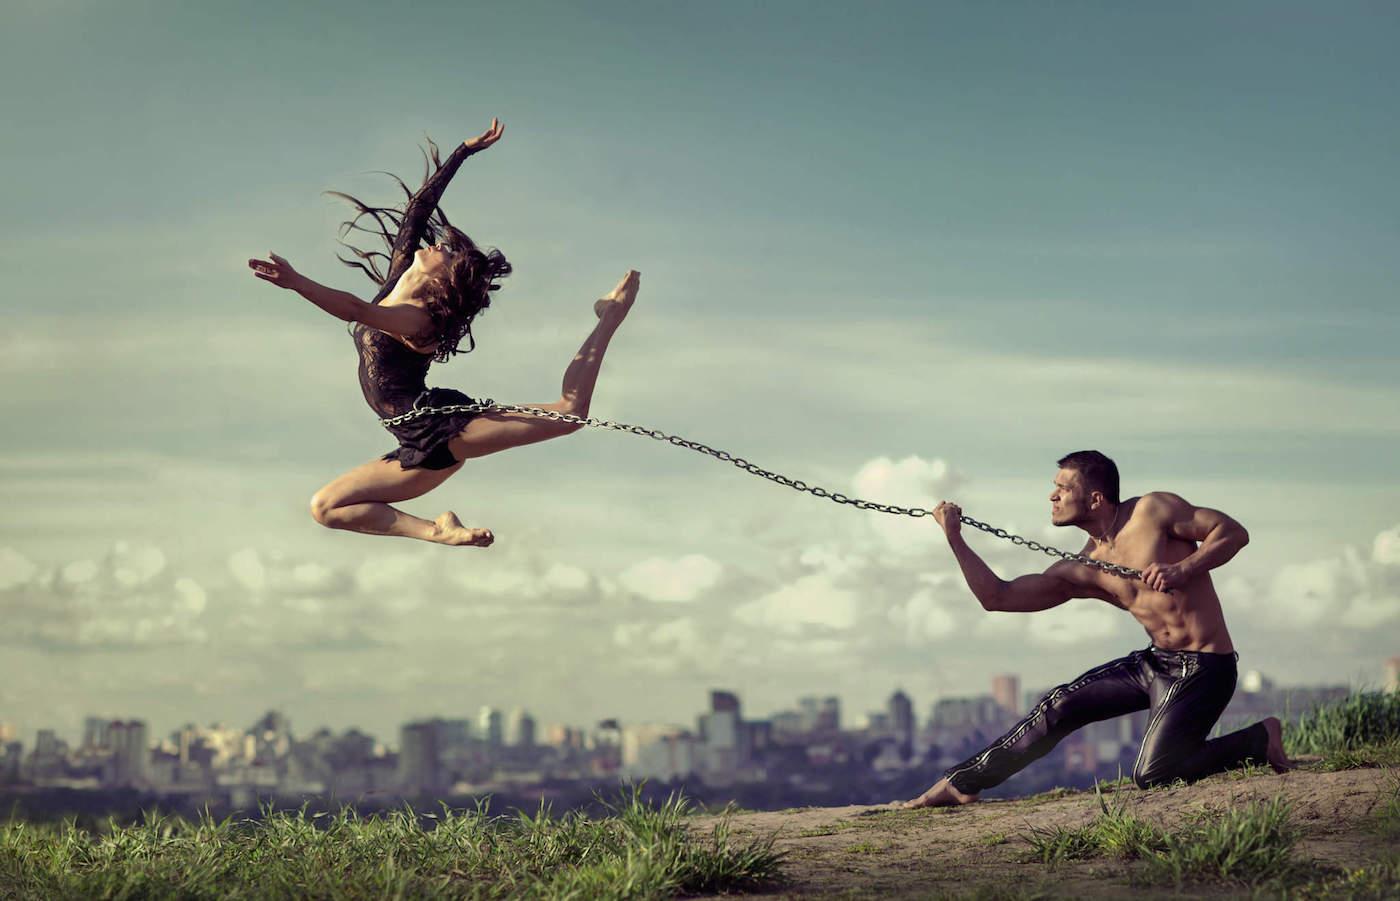 как избавиться от любовной зависимости и обрести душевный покой